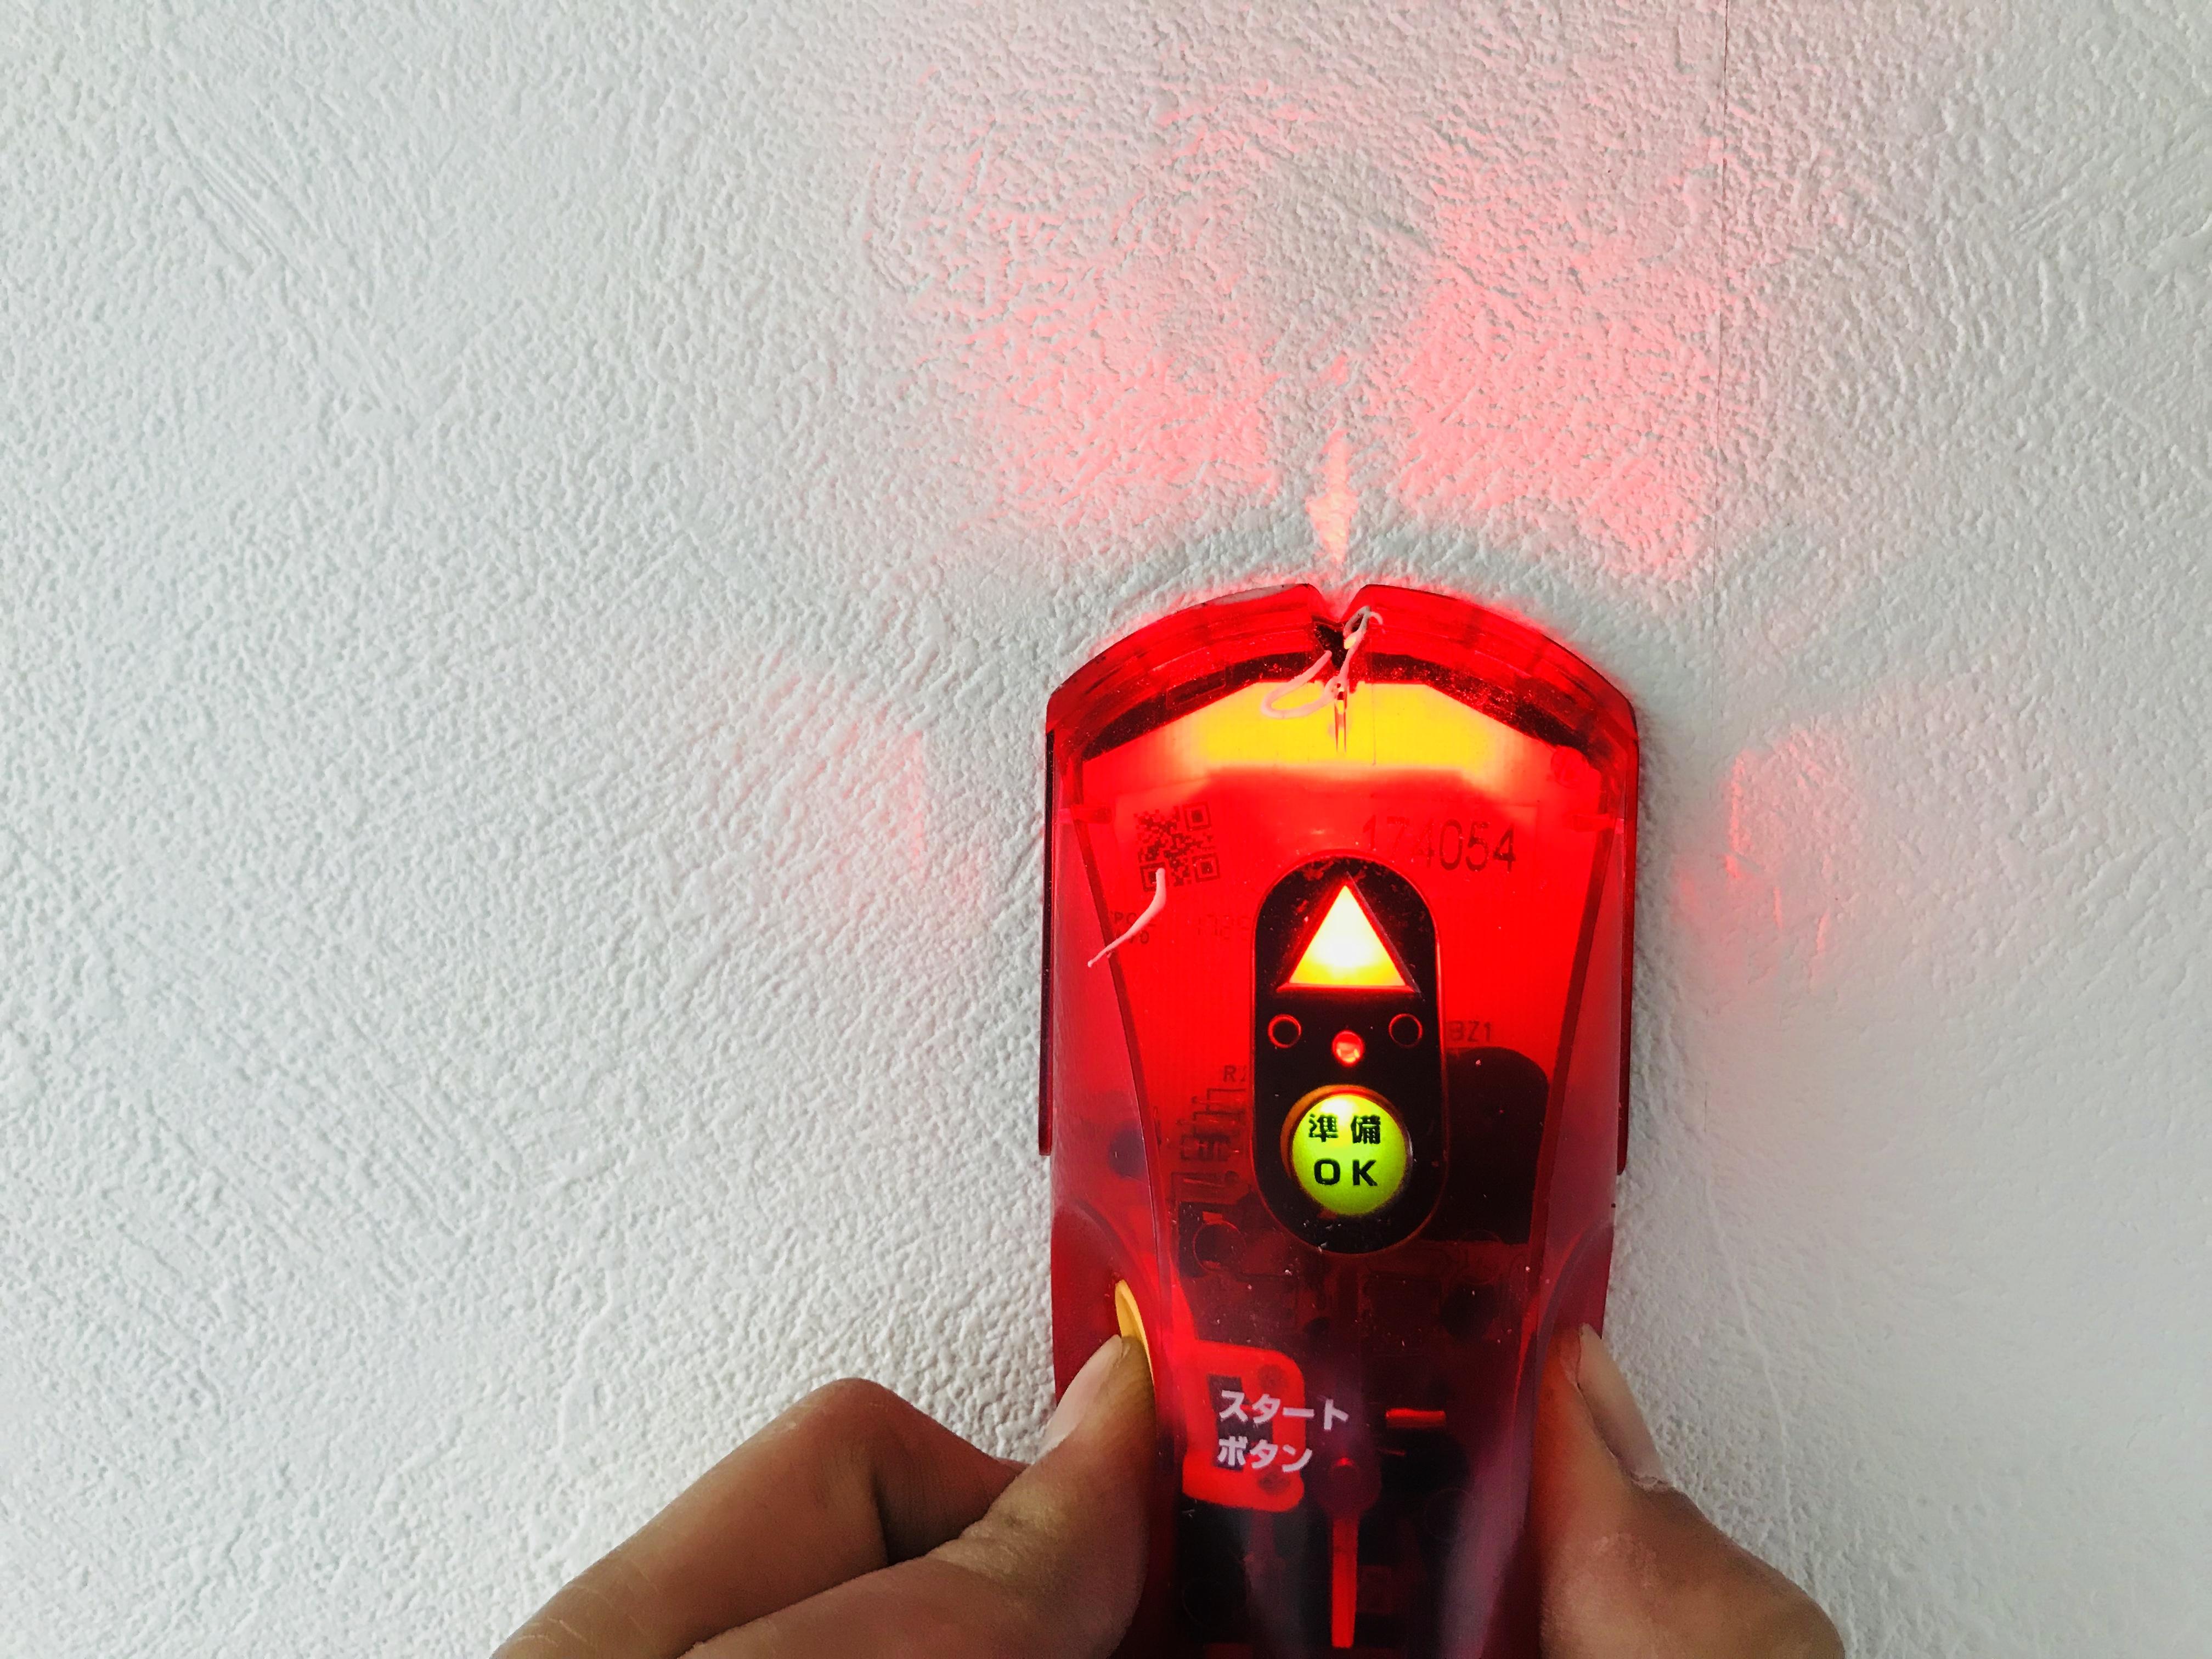 壁の下地を調べて火災報知器をつける